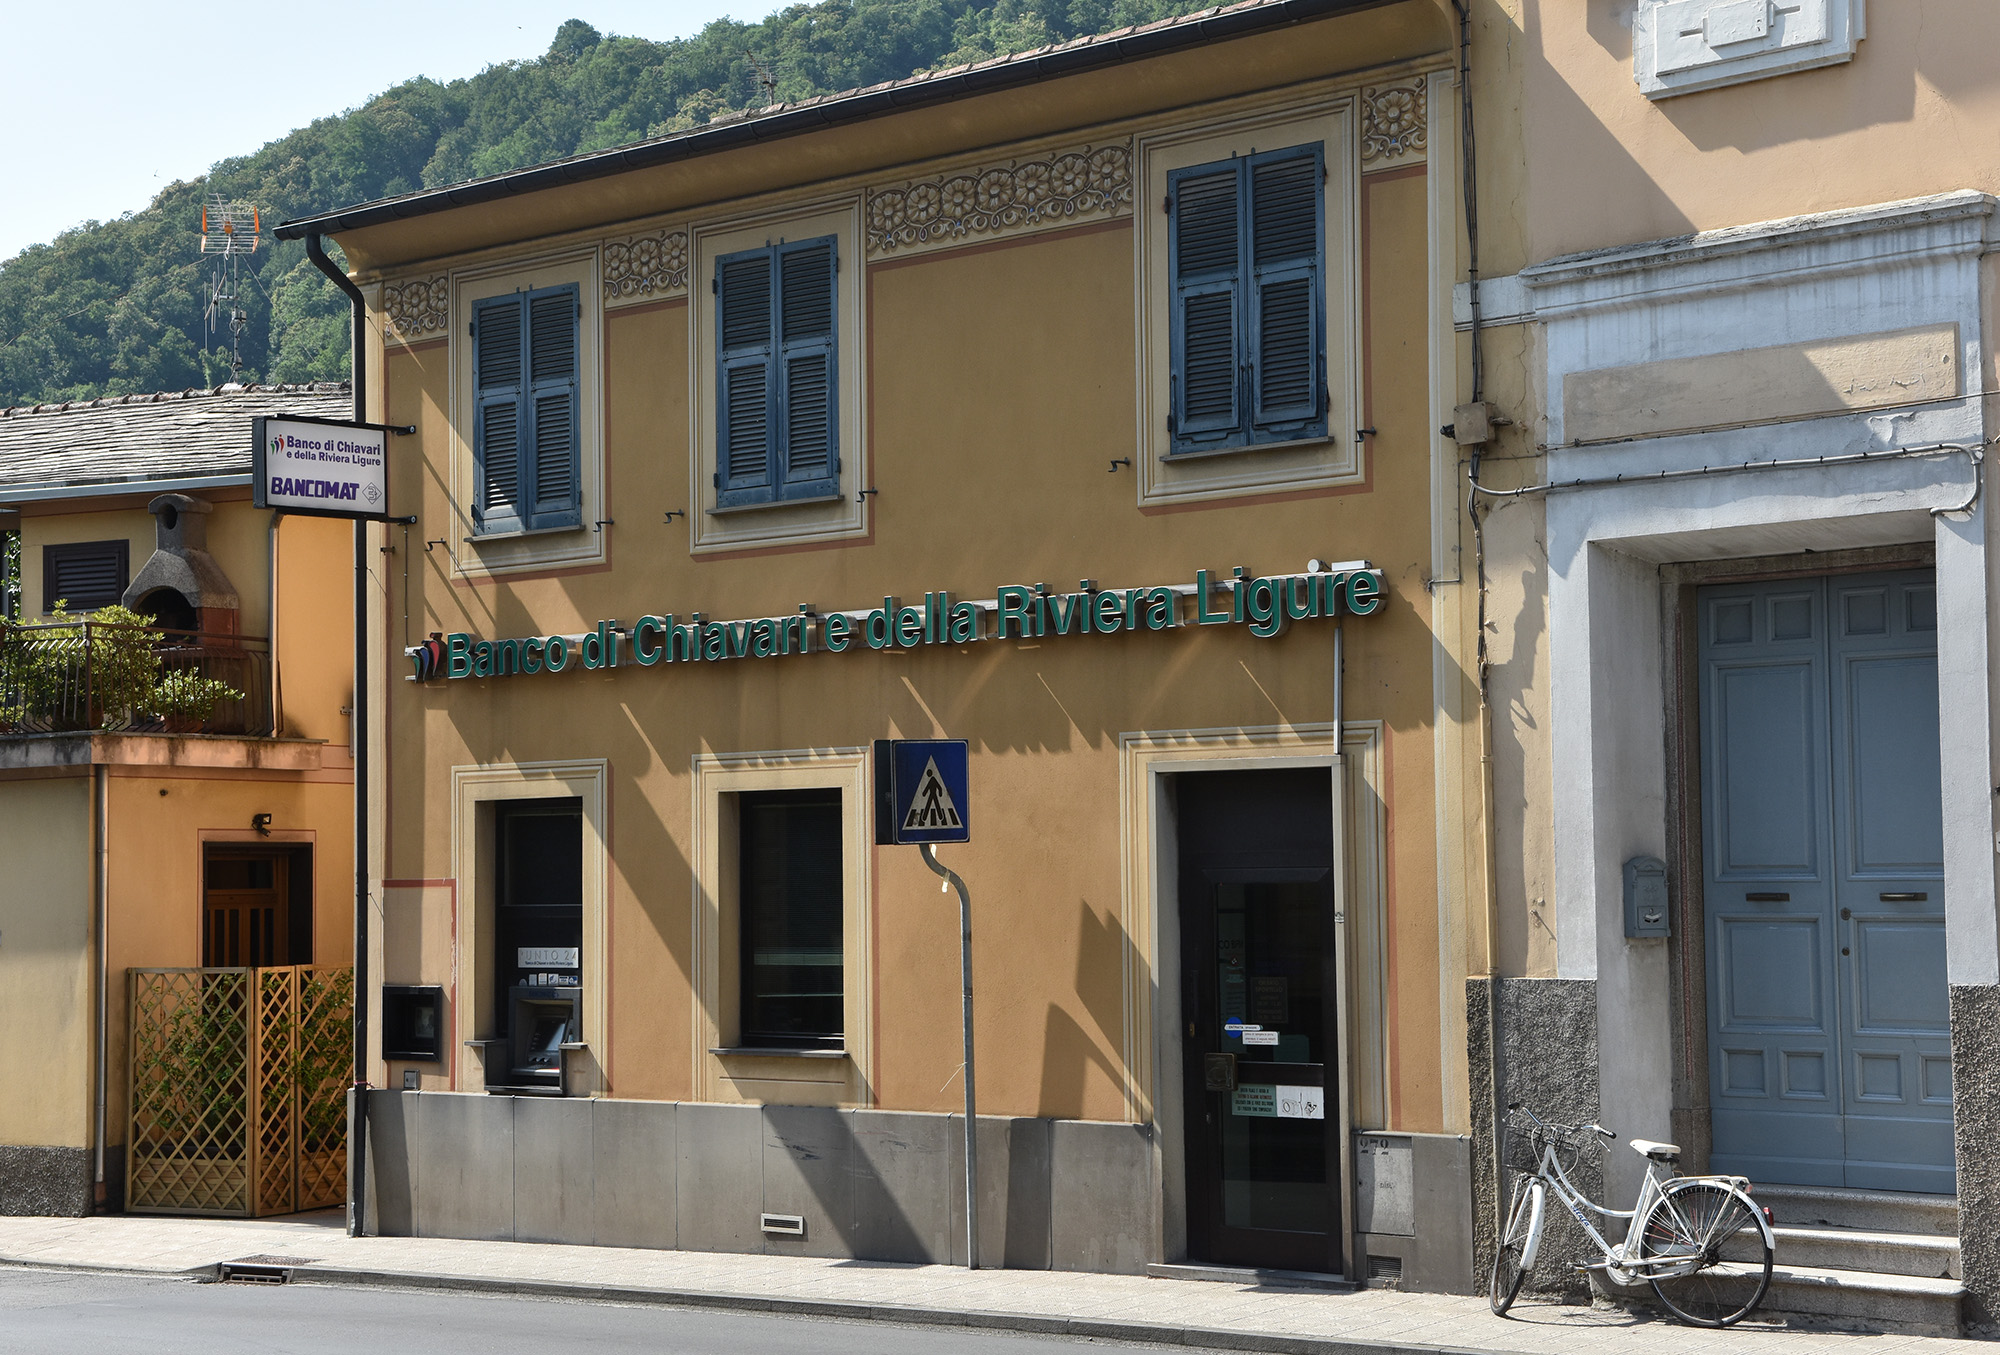 Banco di Chiavari di Monleone